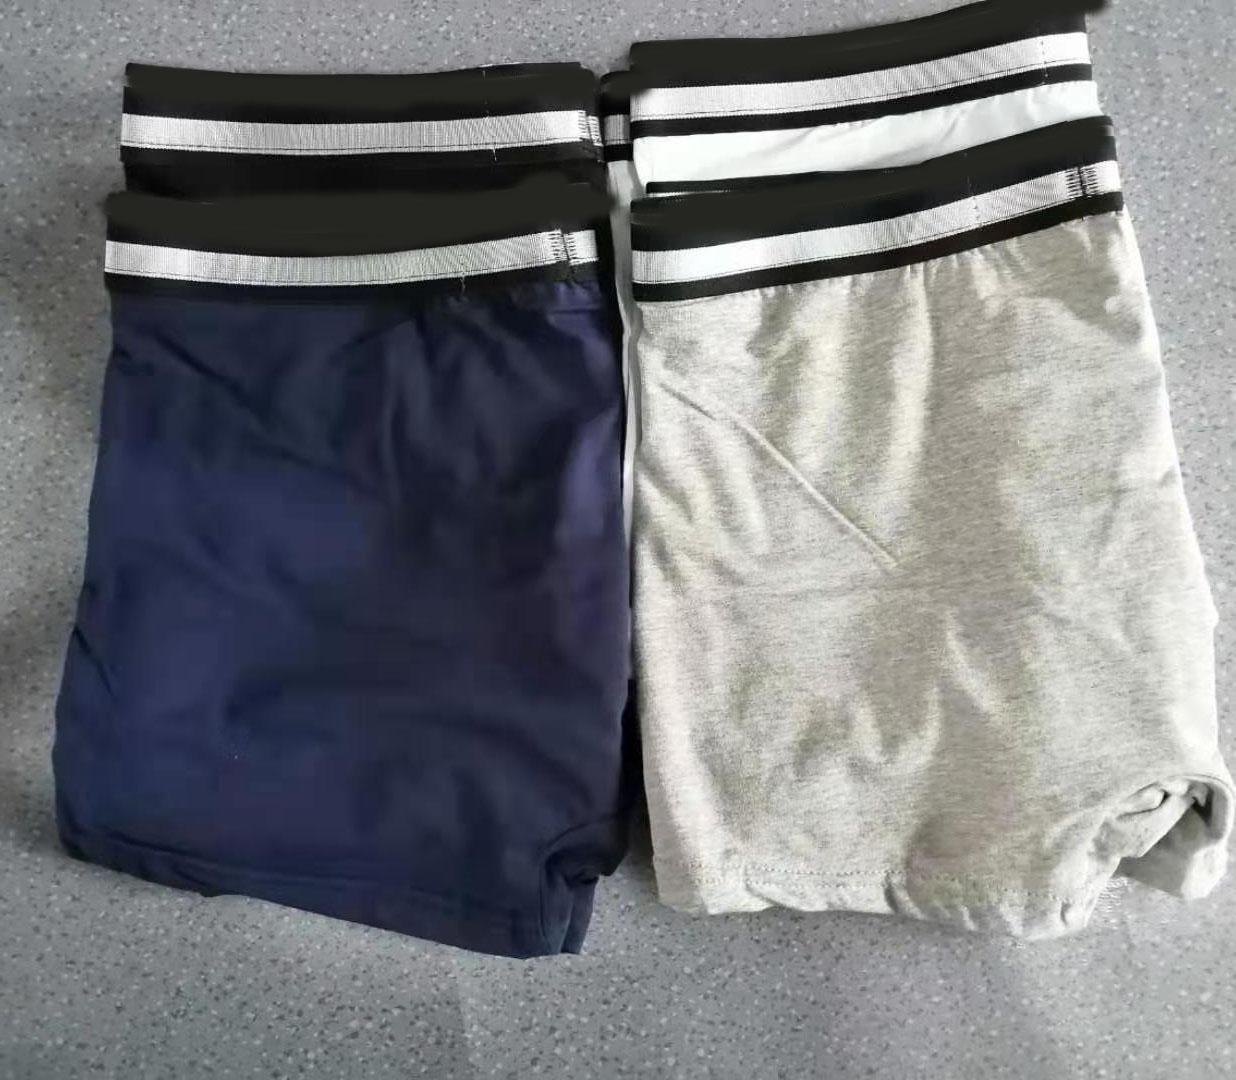 5 colori mens pugile biancheria intima pantaloncini in cotone sexy gay nuovo uomo biancheria intima da uomo pugile adulto boxershorts morbidi uomini pugili moda maschii mutande